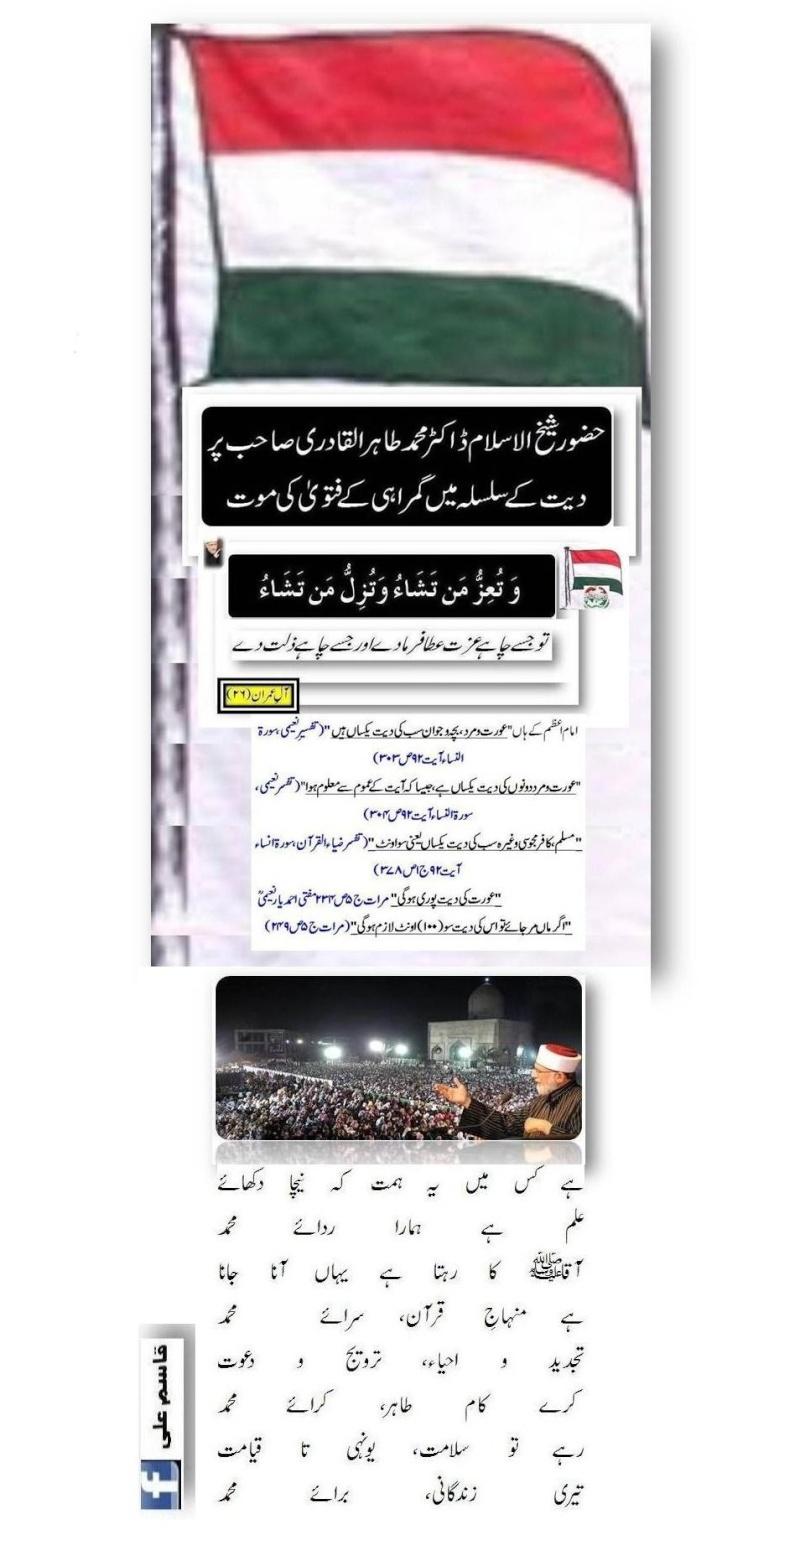 دیت کی جعلی فتوی فیکٹری پر منہاج القرآن کی فتح کا جھنڈا - Page 2 Postd410